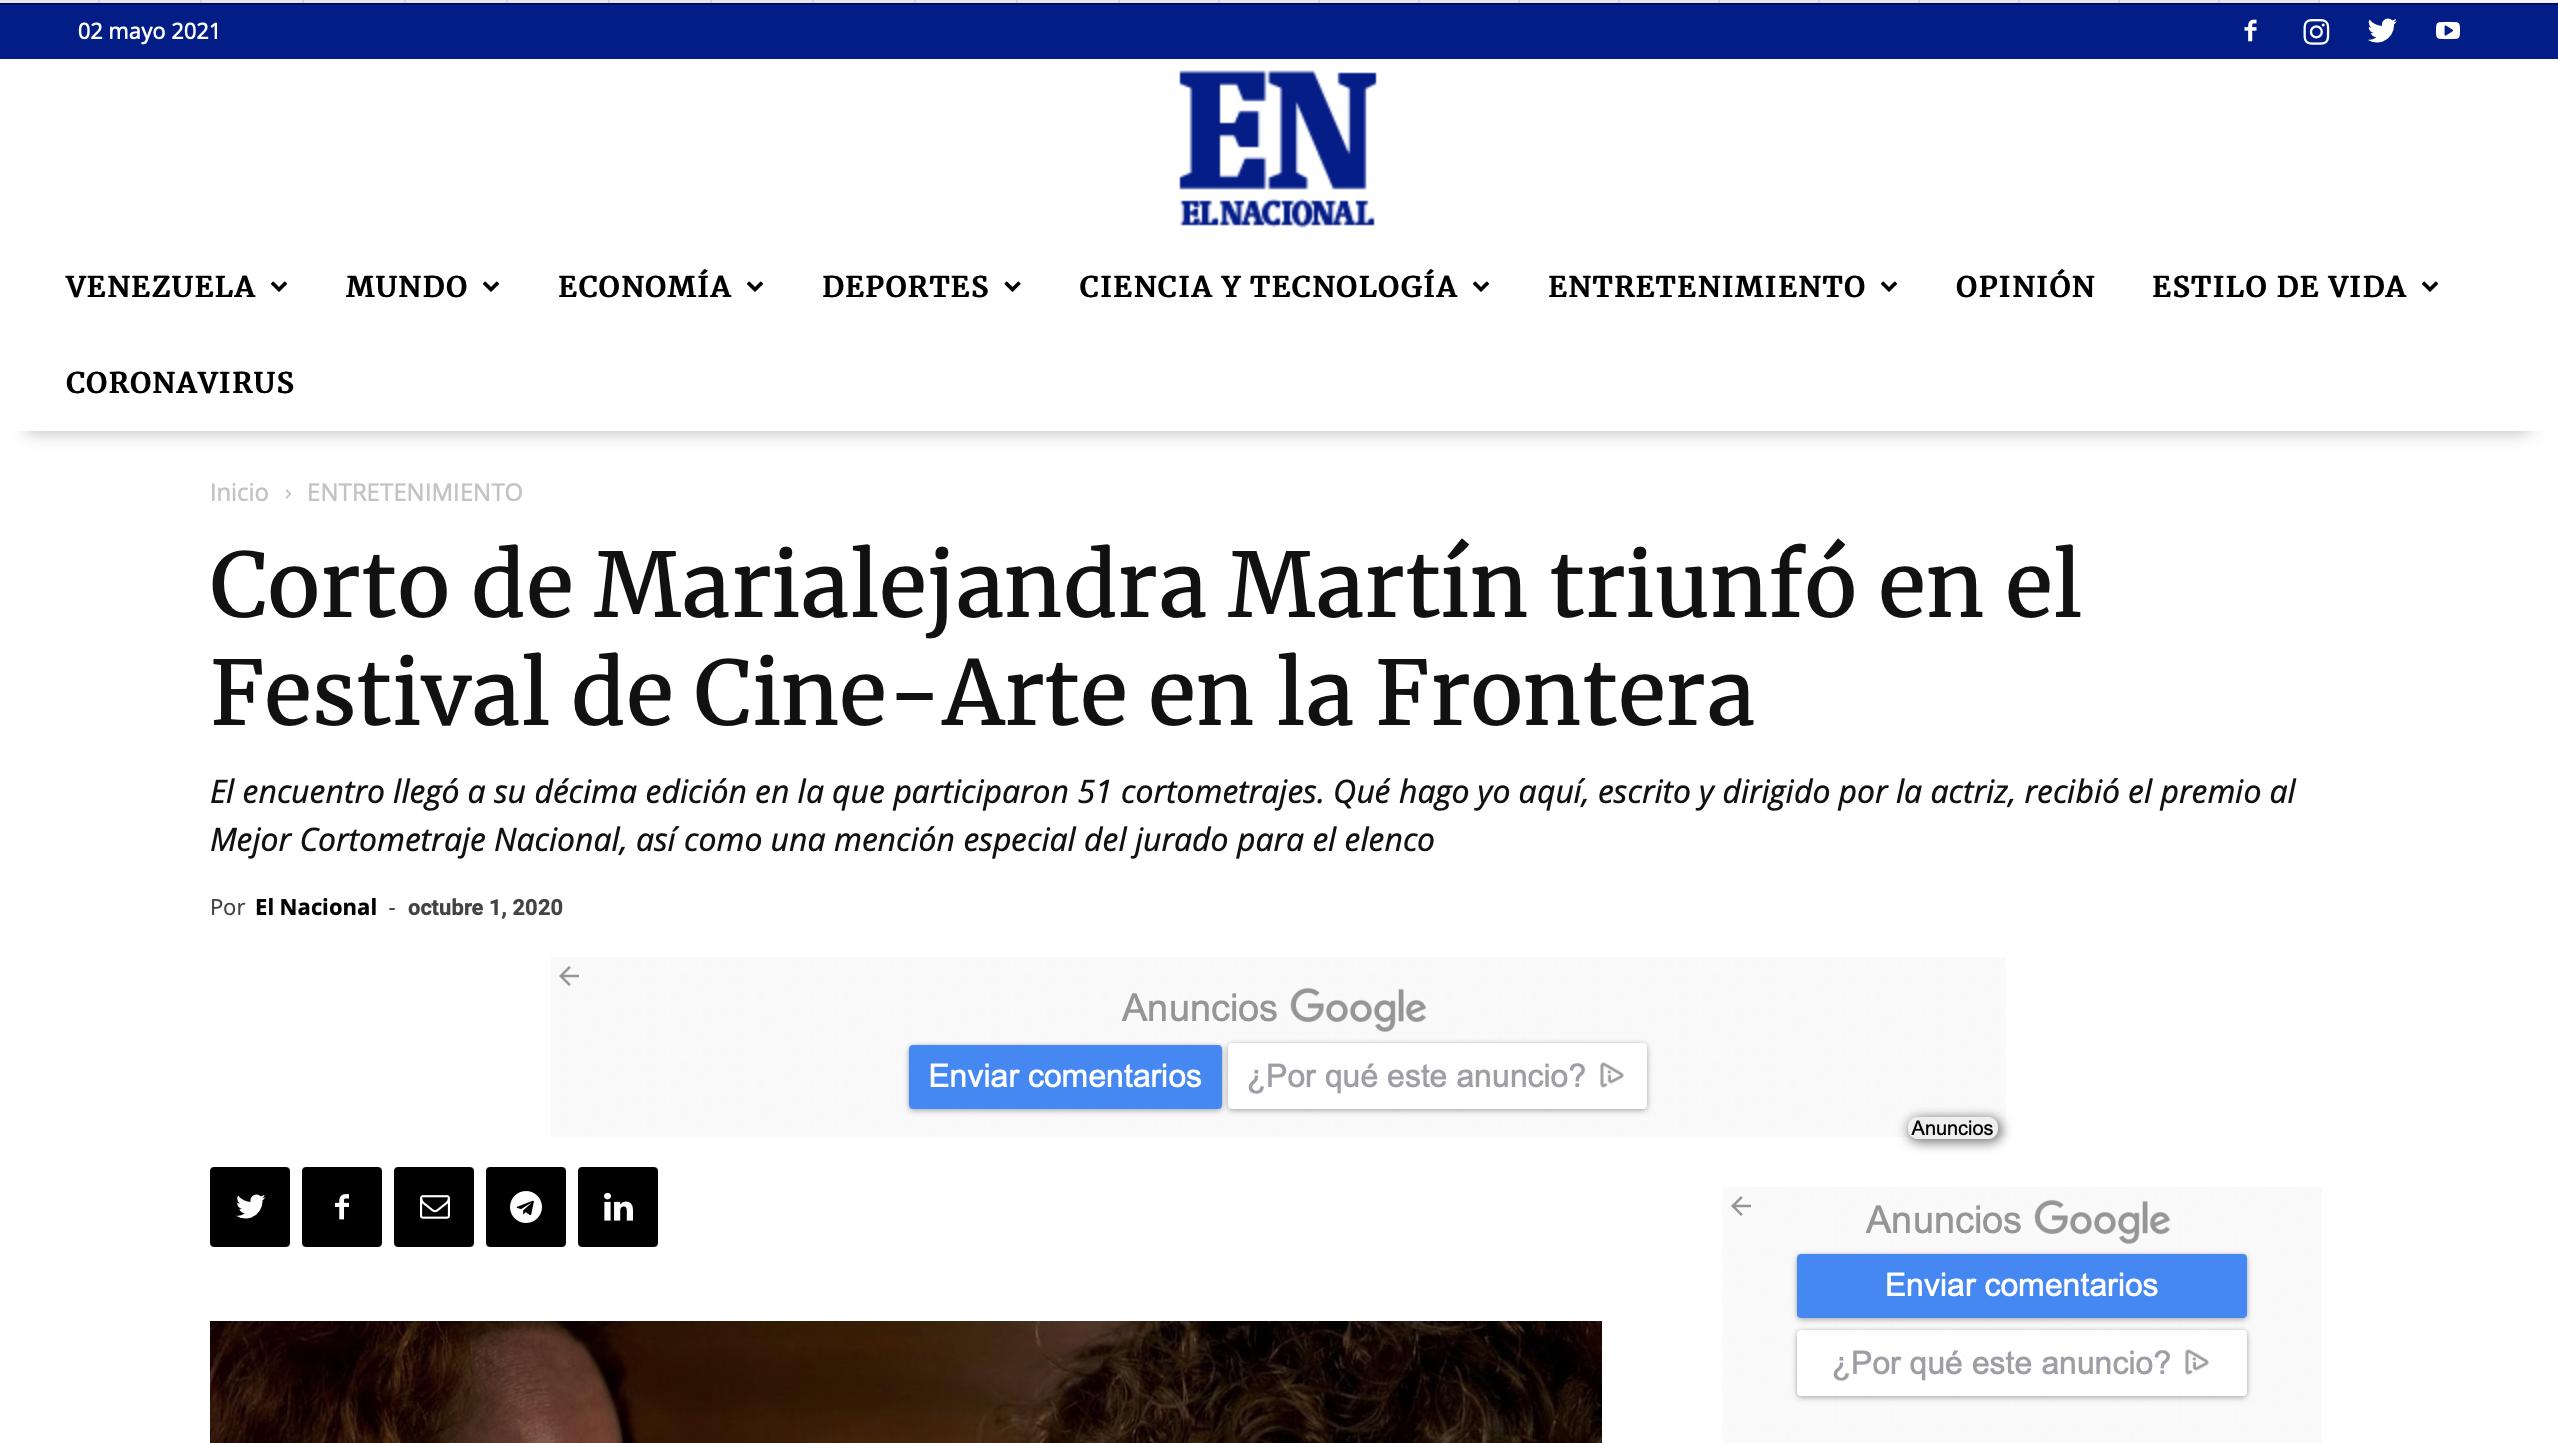 El Nacional 1 Screenshot 2021-05-02 at 20.01.05